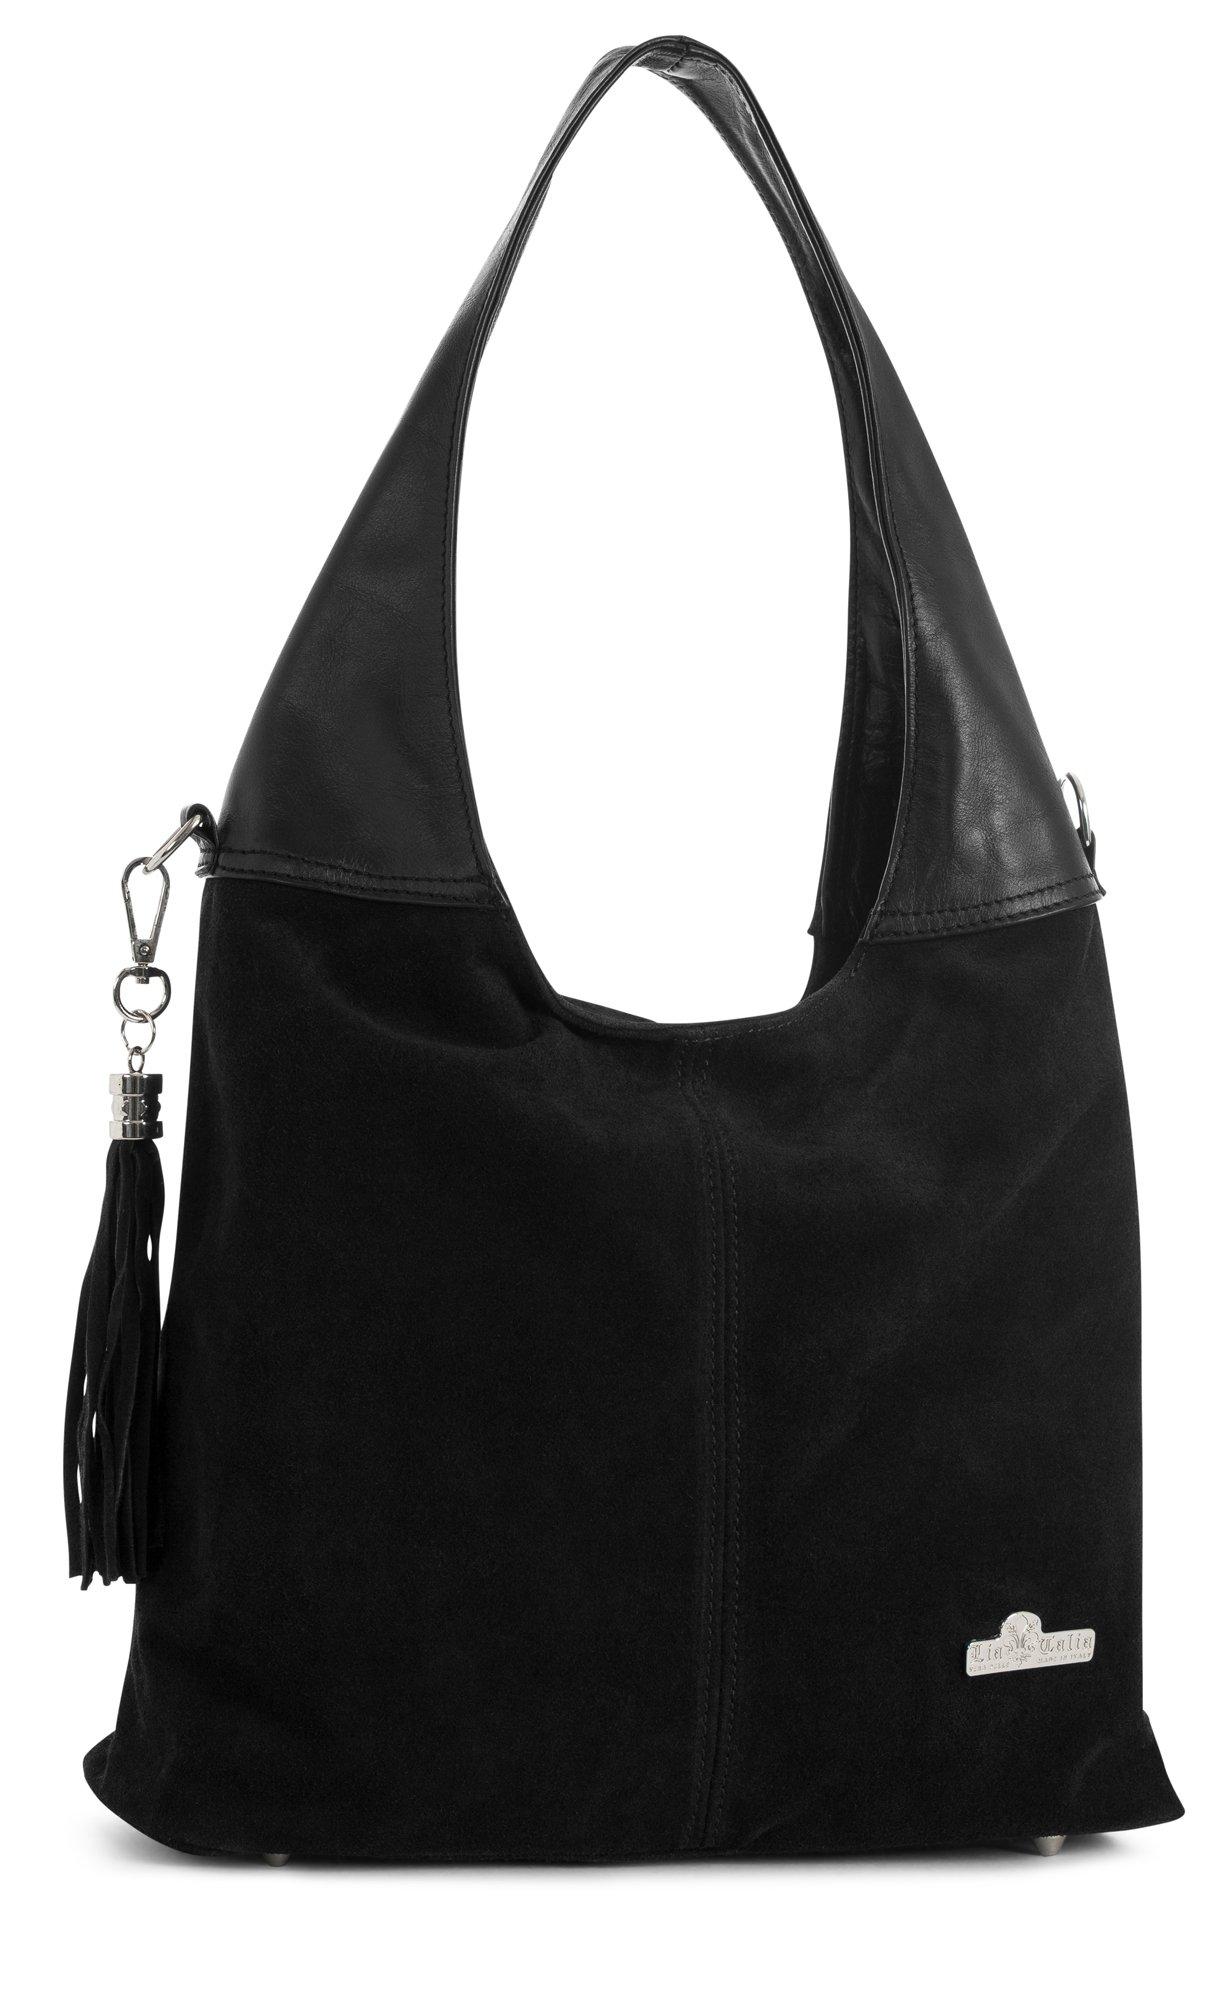 Agnes by ''LiaTalia'' Womens Girls Genuine Italian Suede and Soft Leather Hobo Shopper Shoulder Tote Handbag [Black - Black Trim]